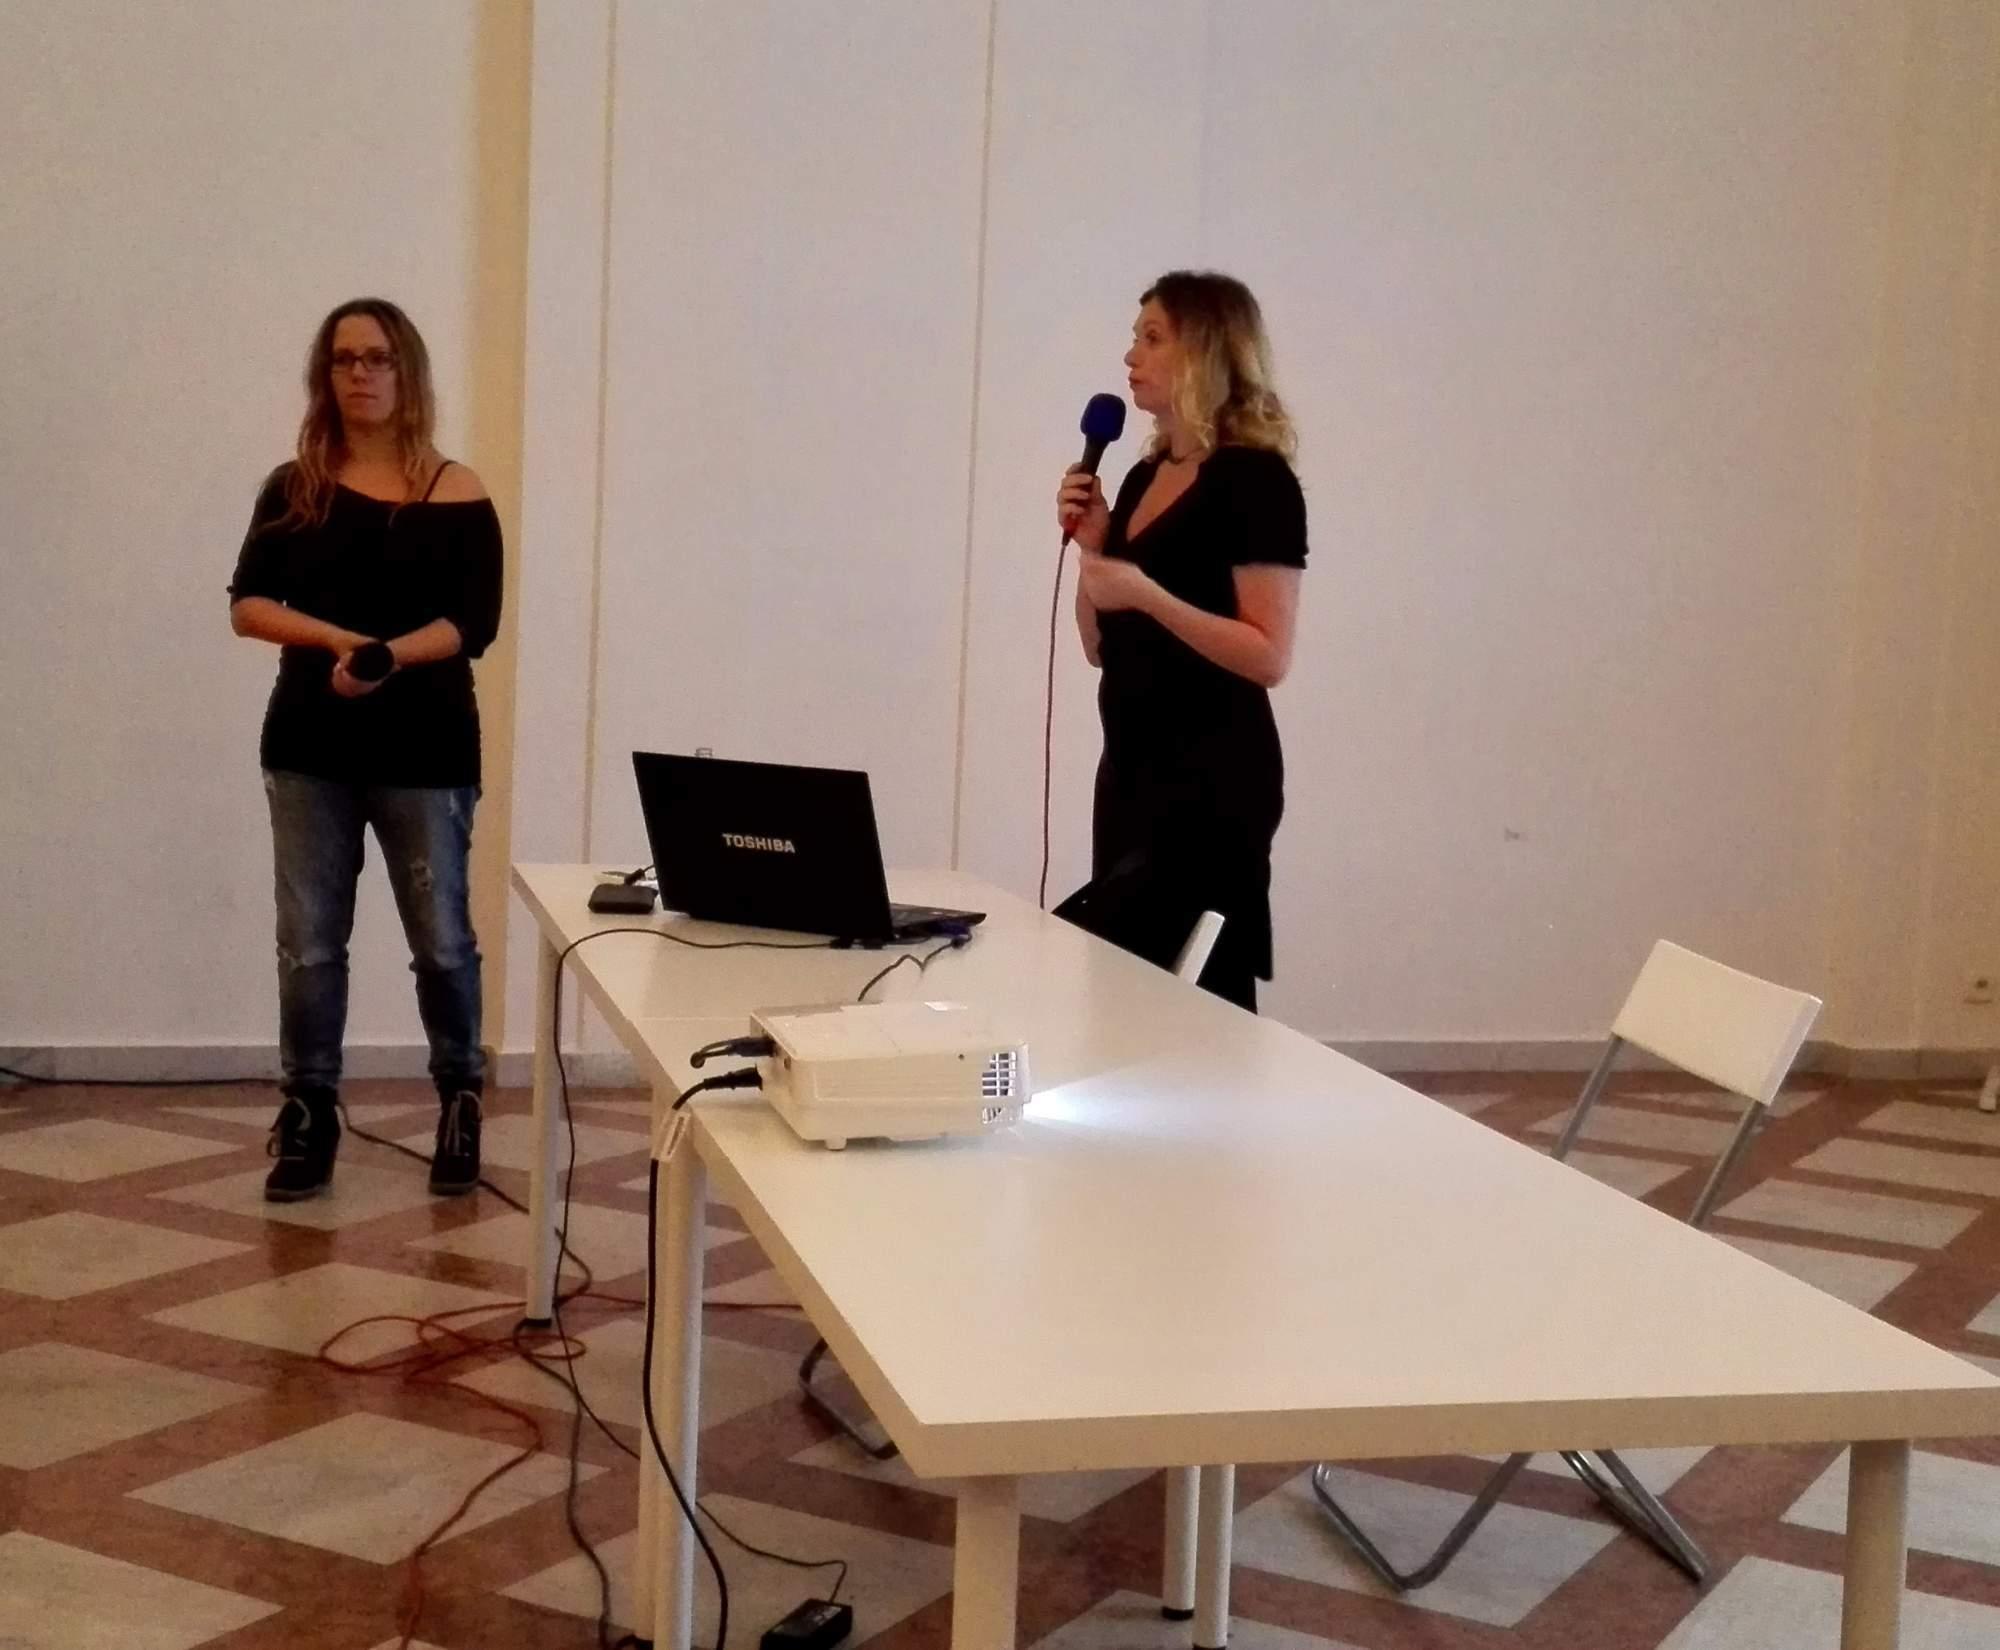 Přednáška s lékařkou Helenou Máslovou na téma Ženské zdraví